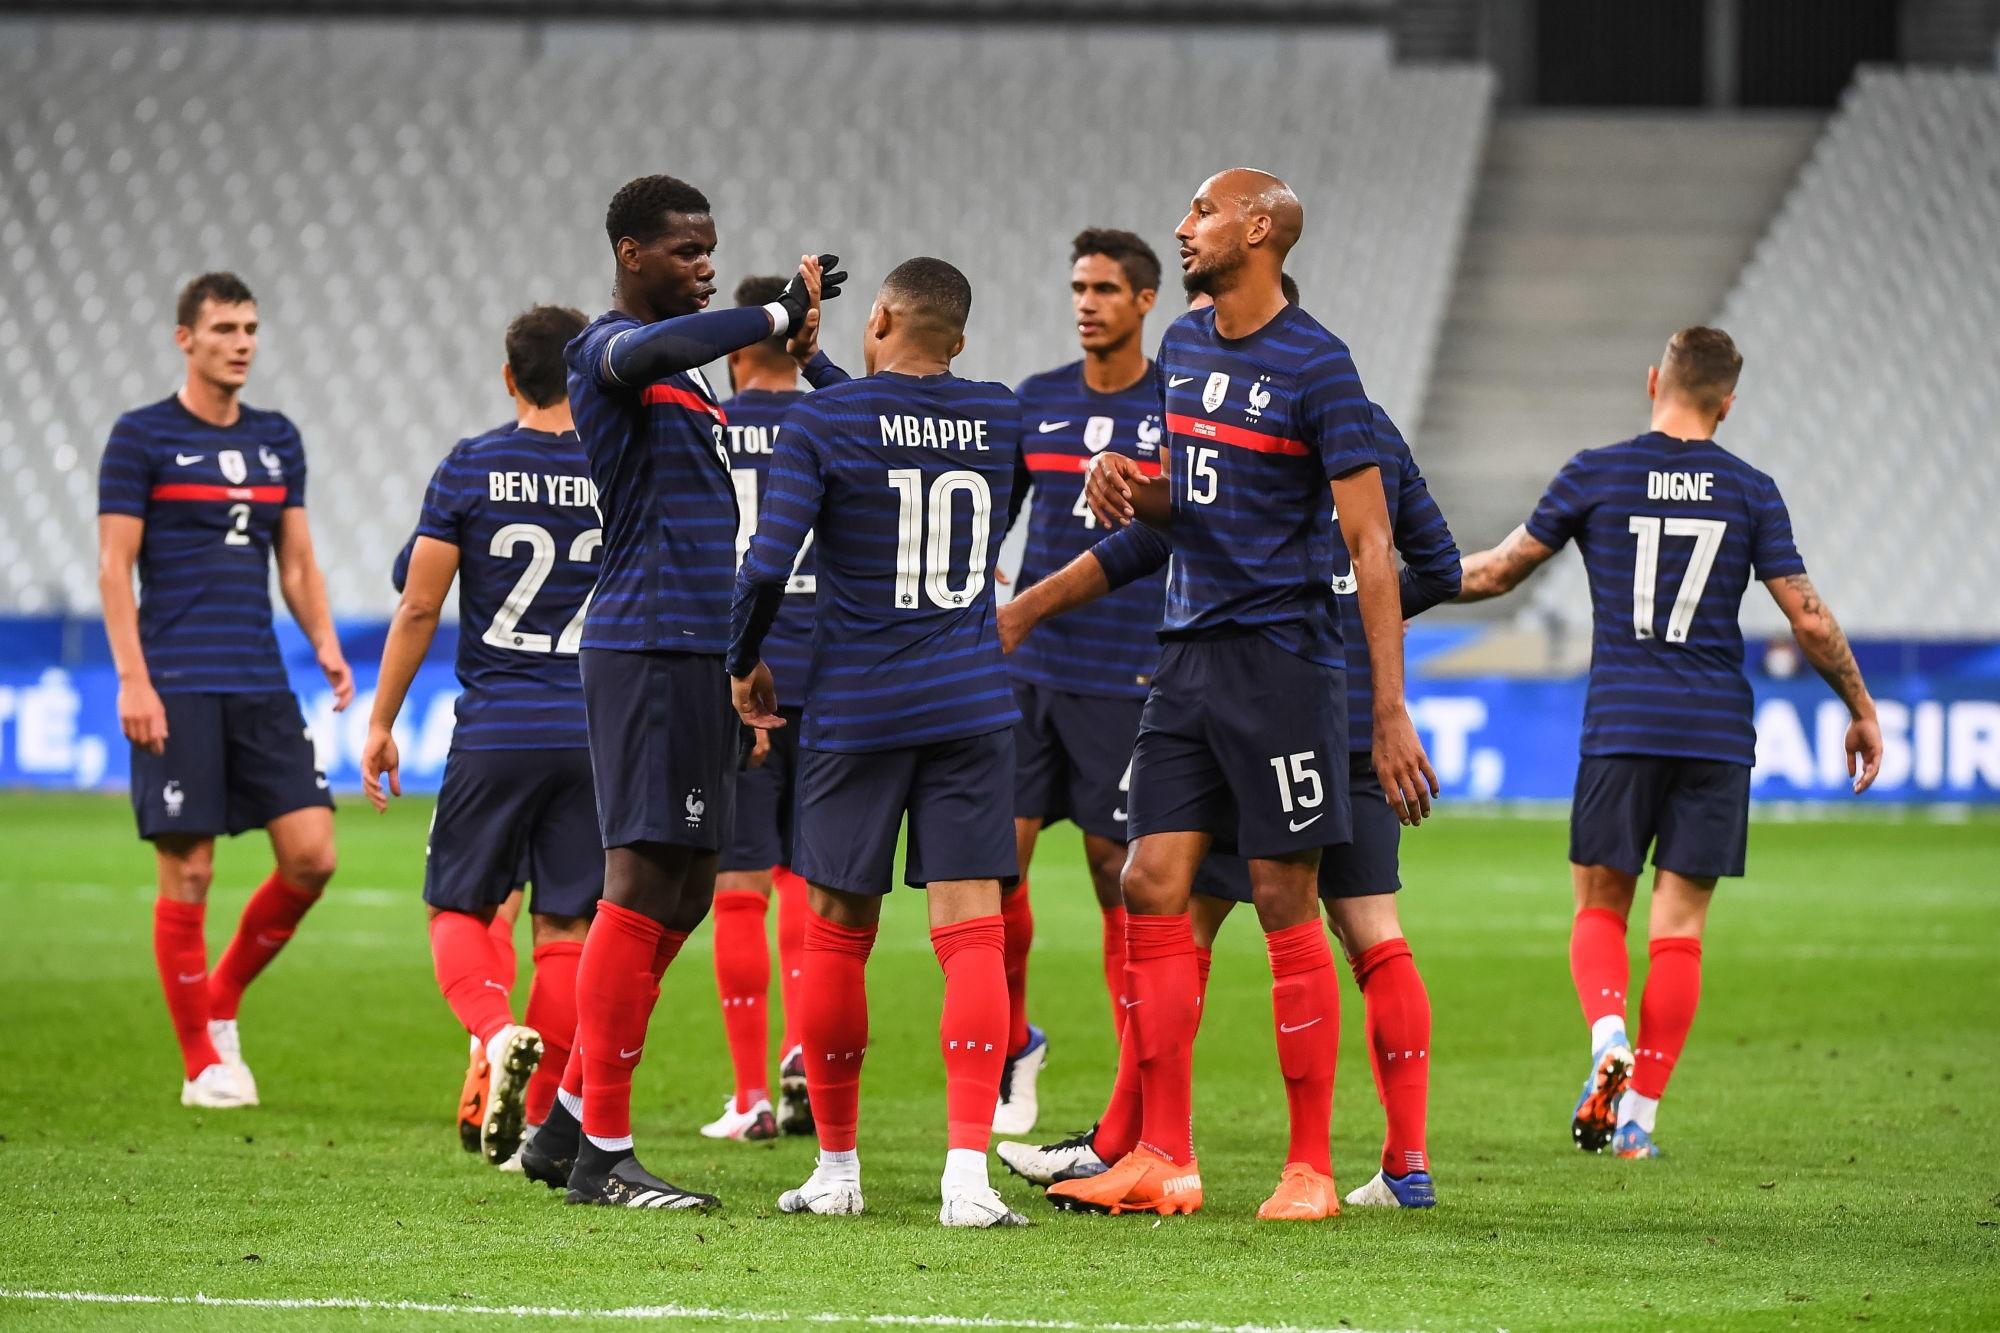 France/Portugal - Les équipes officielles : Mbappé, Kimpembe et Danilo titulaires